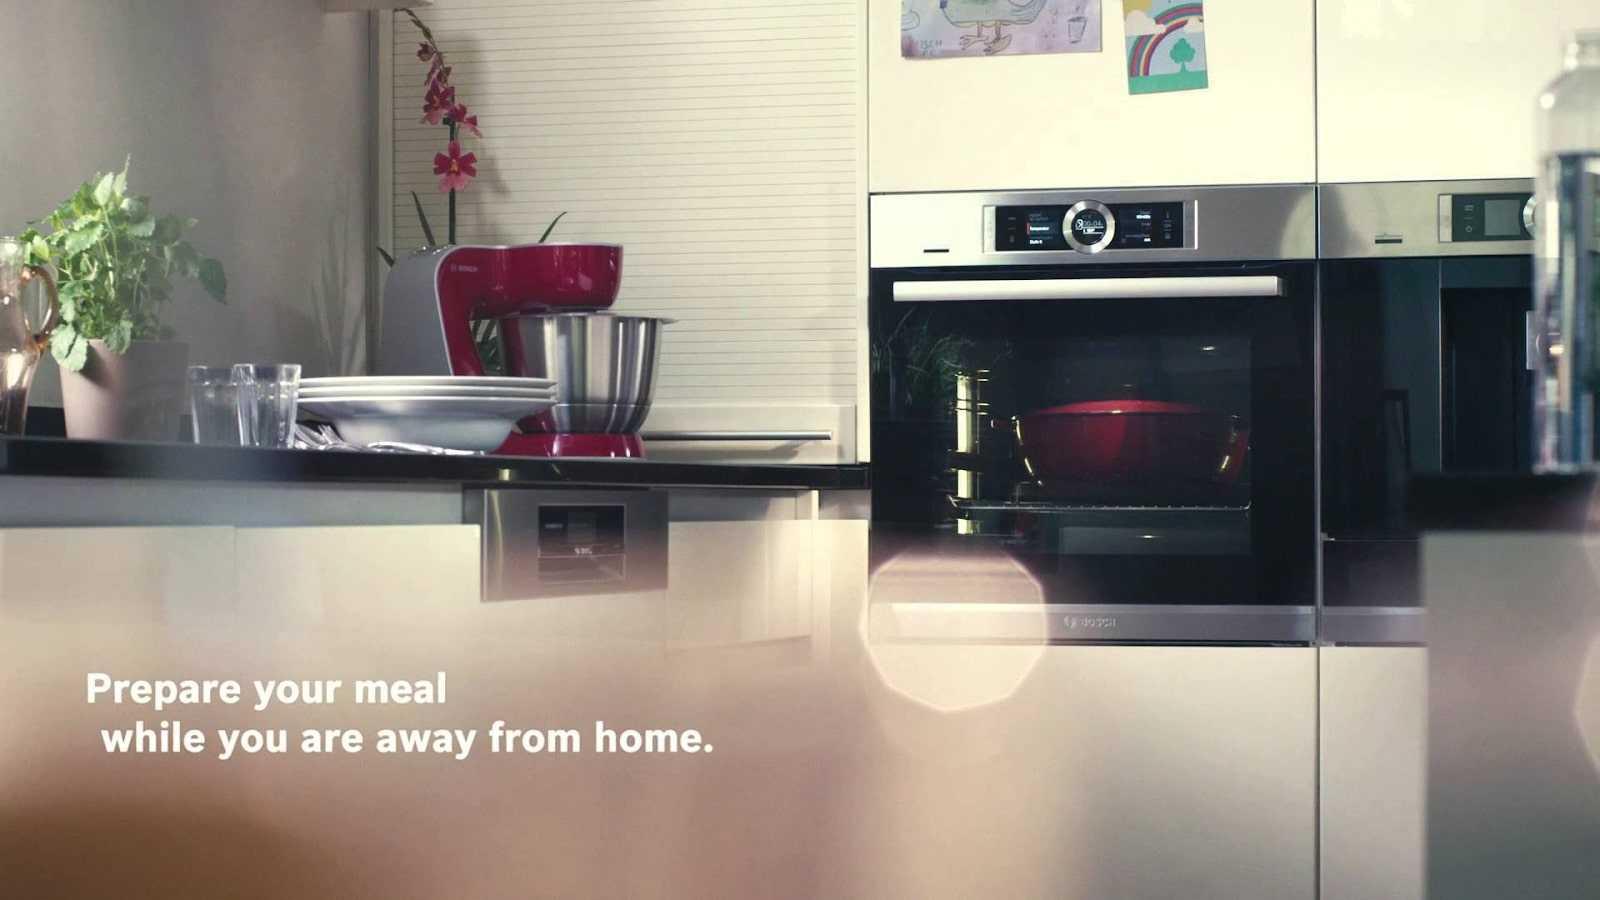 Lò nướng âm tủ Bosch có thiết kế sang trọng